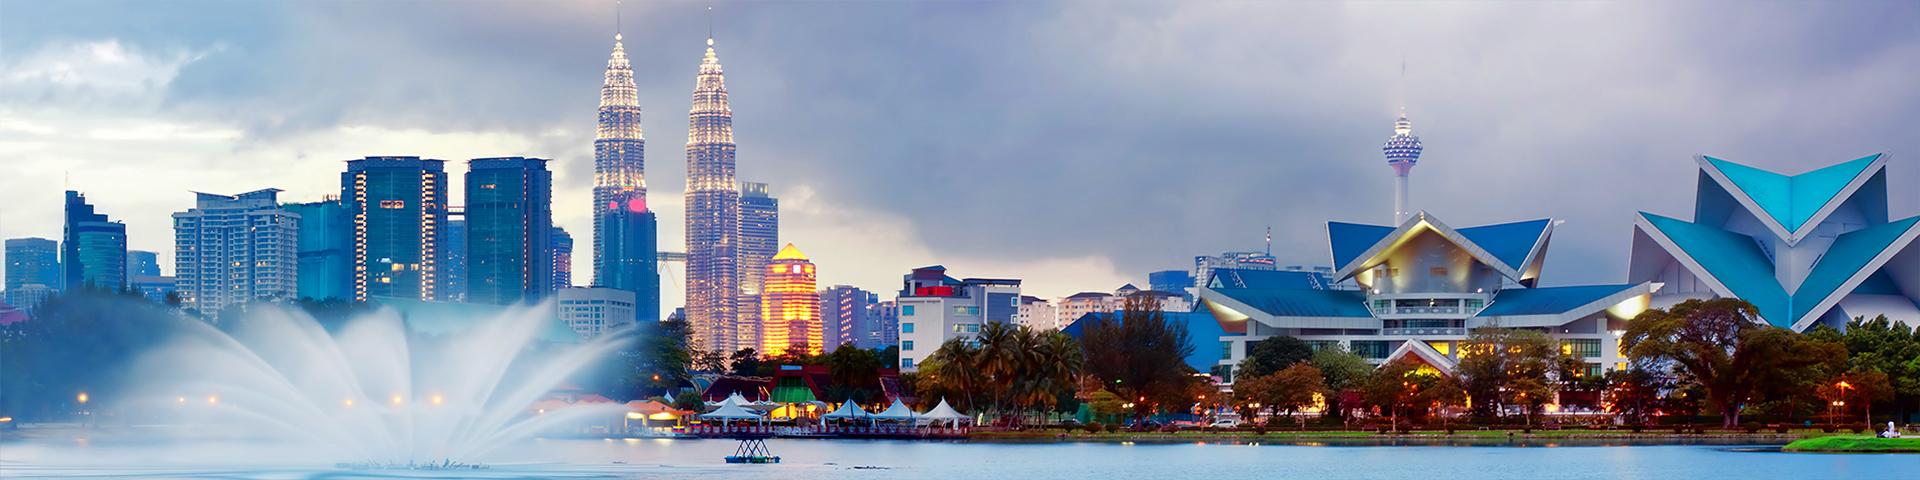 تور کوالالامپور و پنانگ همیشه سفر